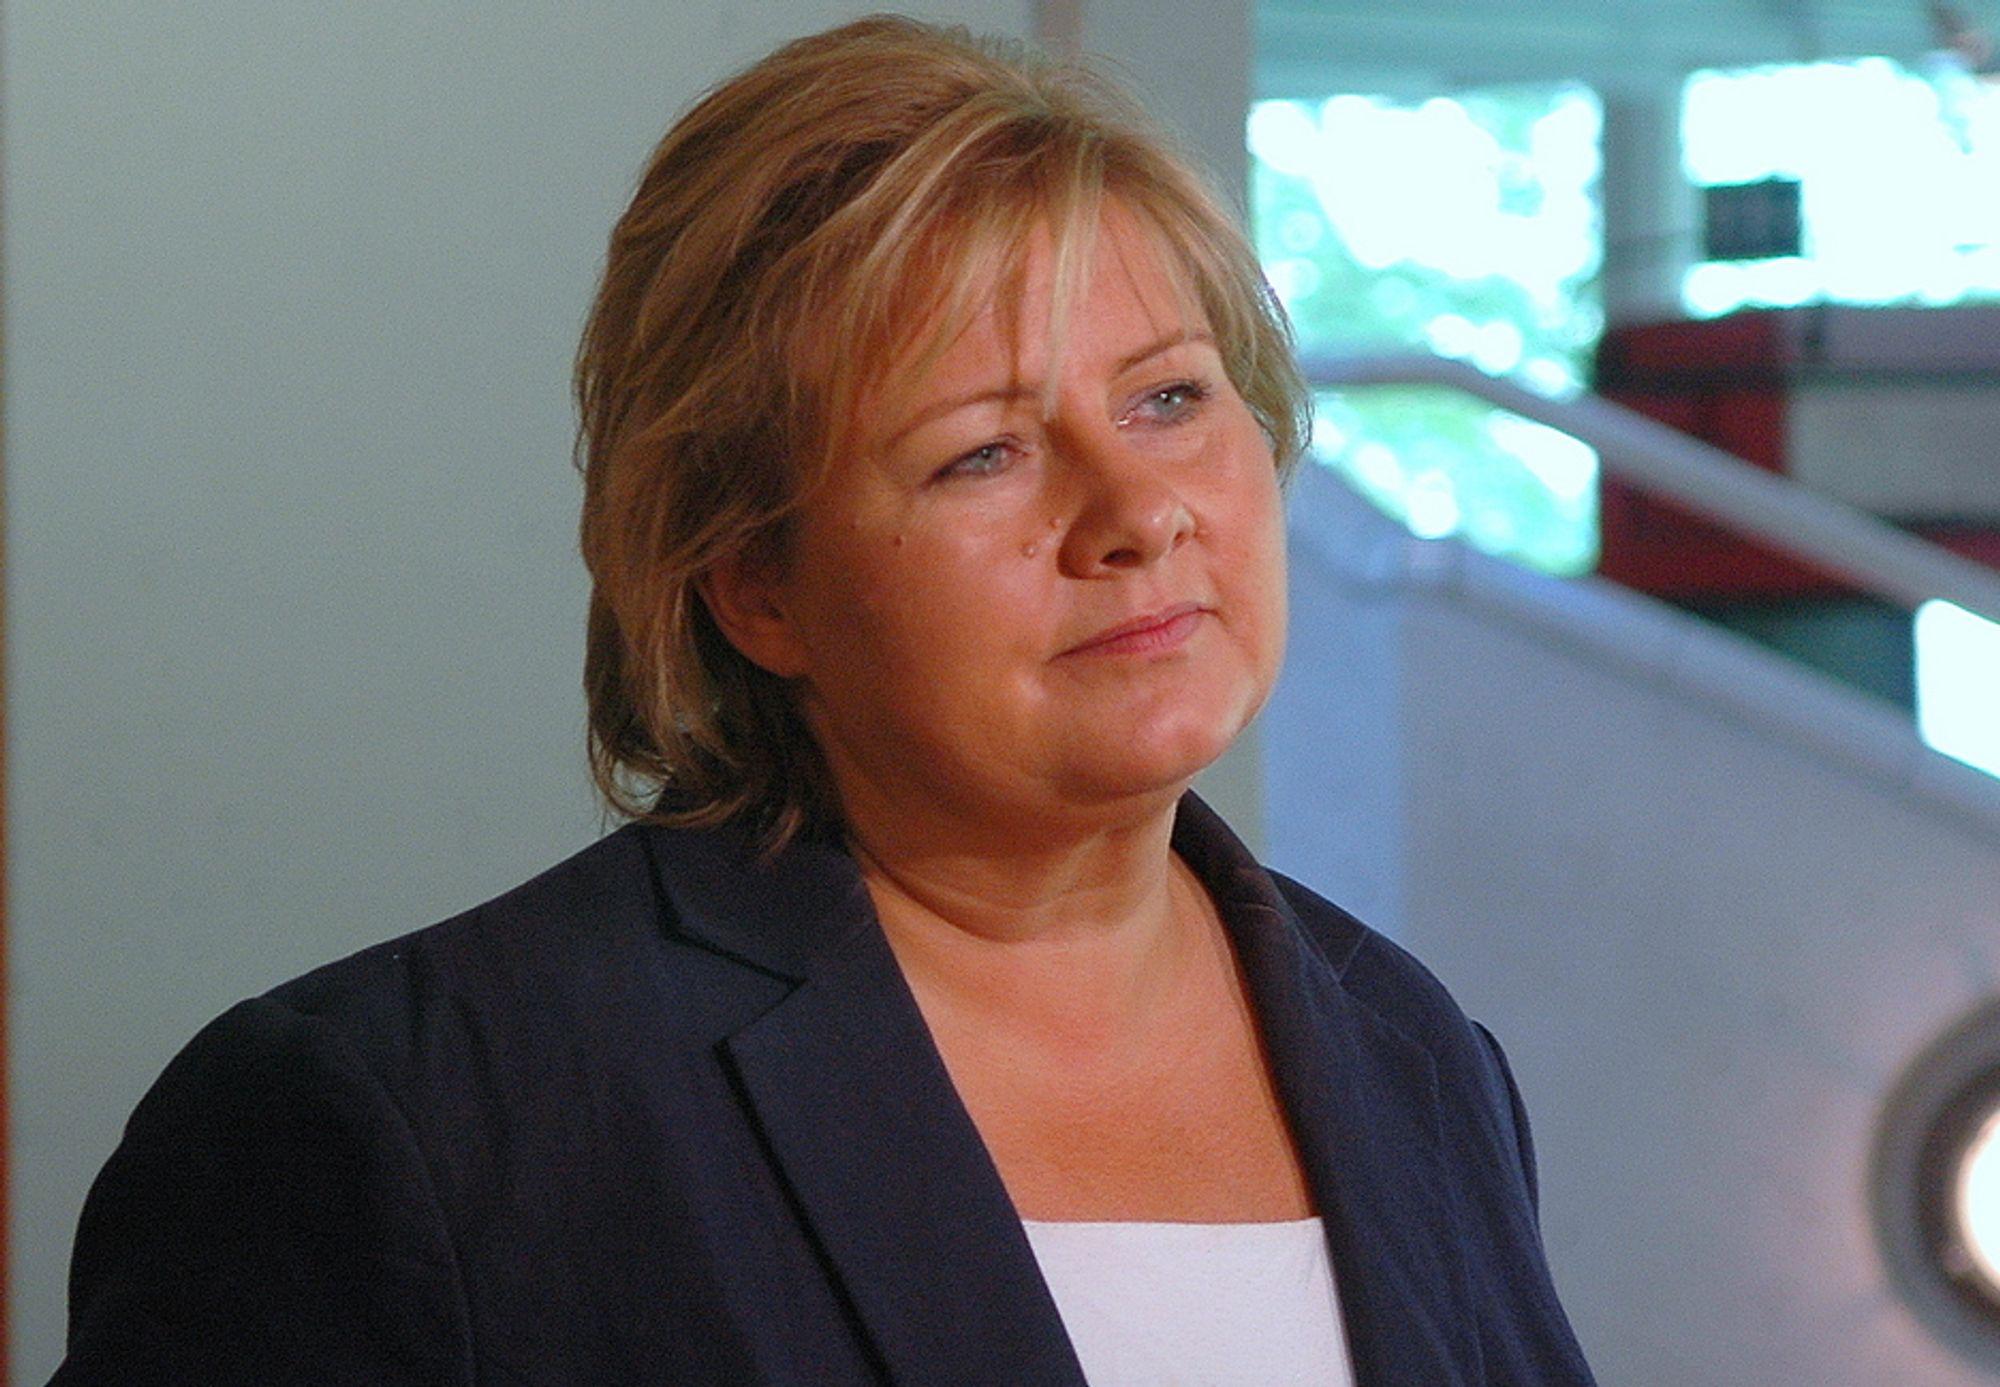 OPPGITT: Høyres leder Erna Solberg er oppgitt over debatten om Lofoten og Vesterålen. - Det virker som om det et verdensmesterskap i klima. Det burde handle om å utvikle en region slik at vi kan være i stand til å sikre arbeid til befolkningen utvikle velferdsstaten, sier hun.